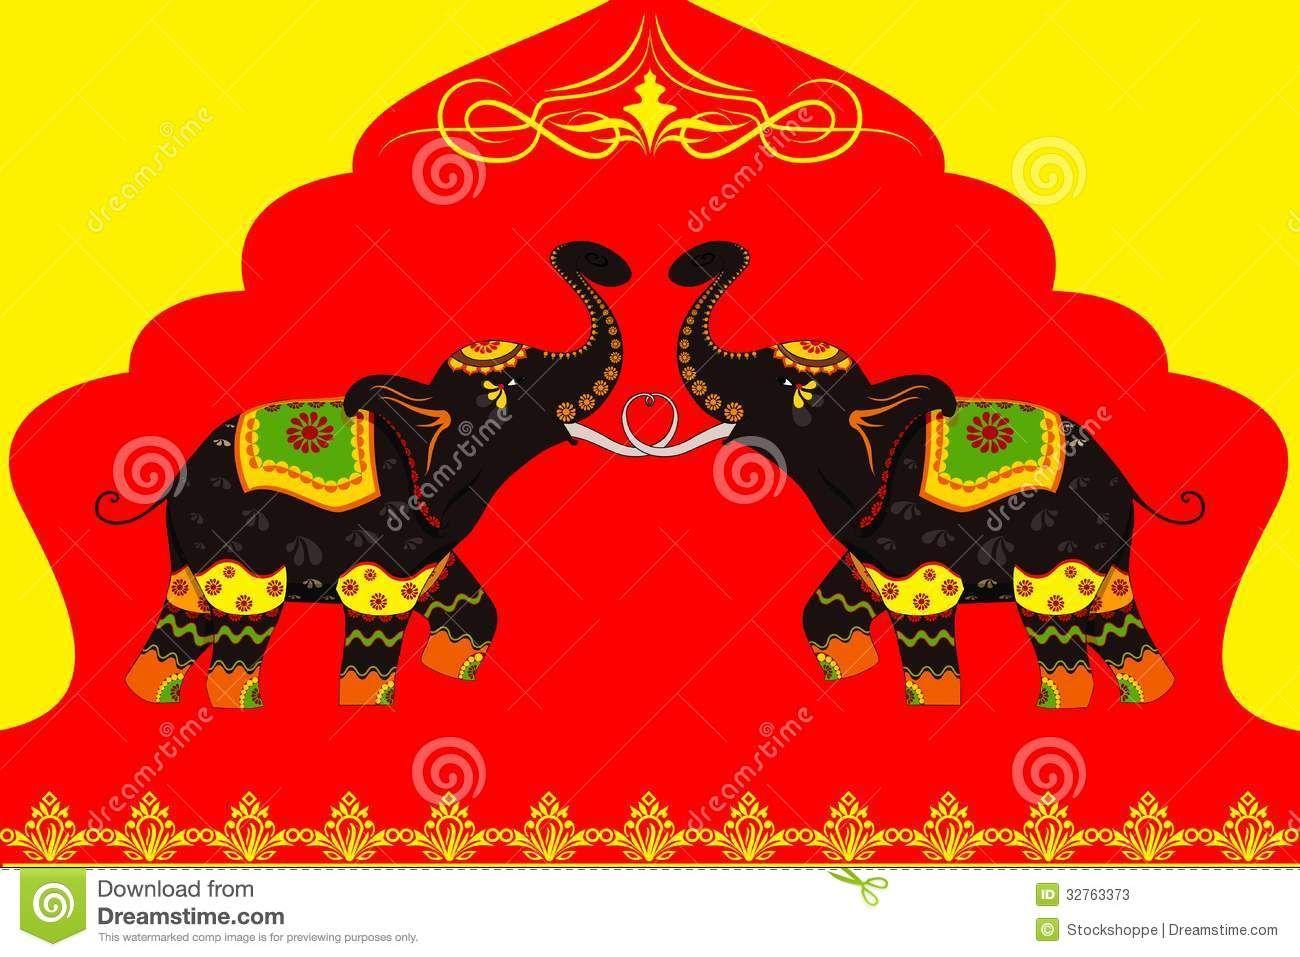 Indian elephant clip art decorated elephant showing indian indian elephant clip art decorated elephant showing indian culture stock photos image buycottarizona Images